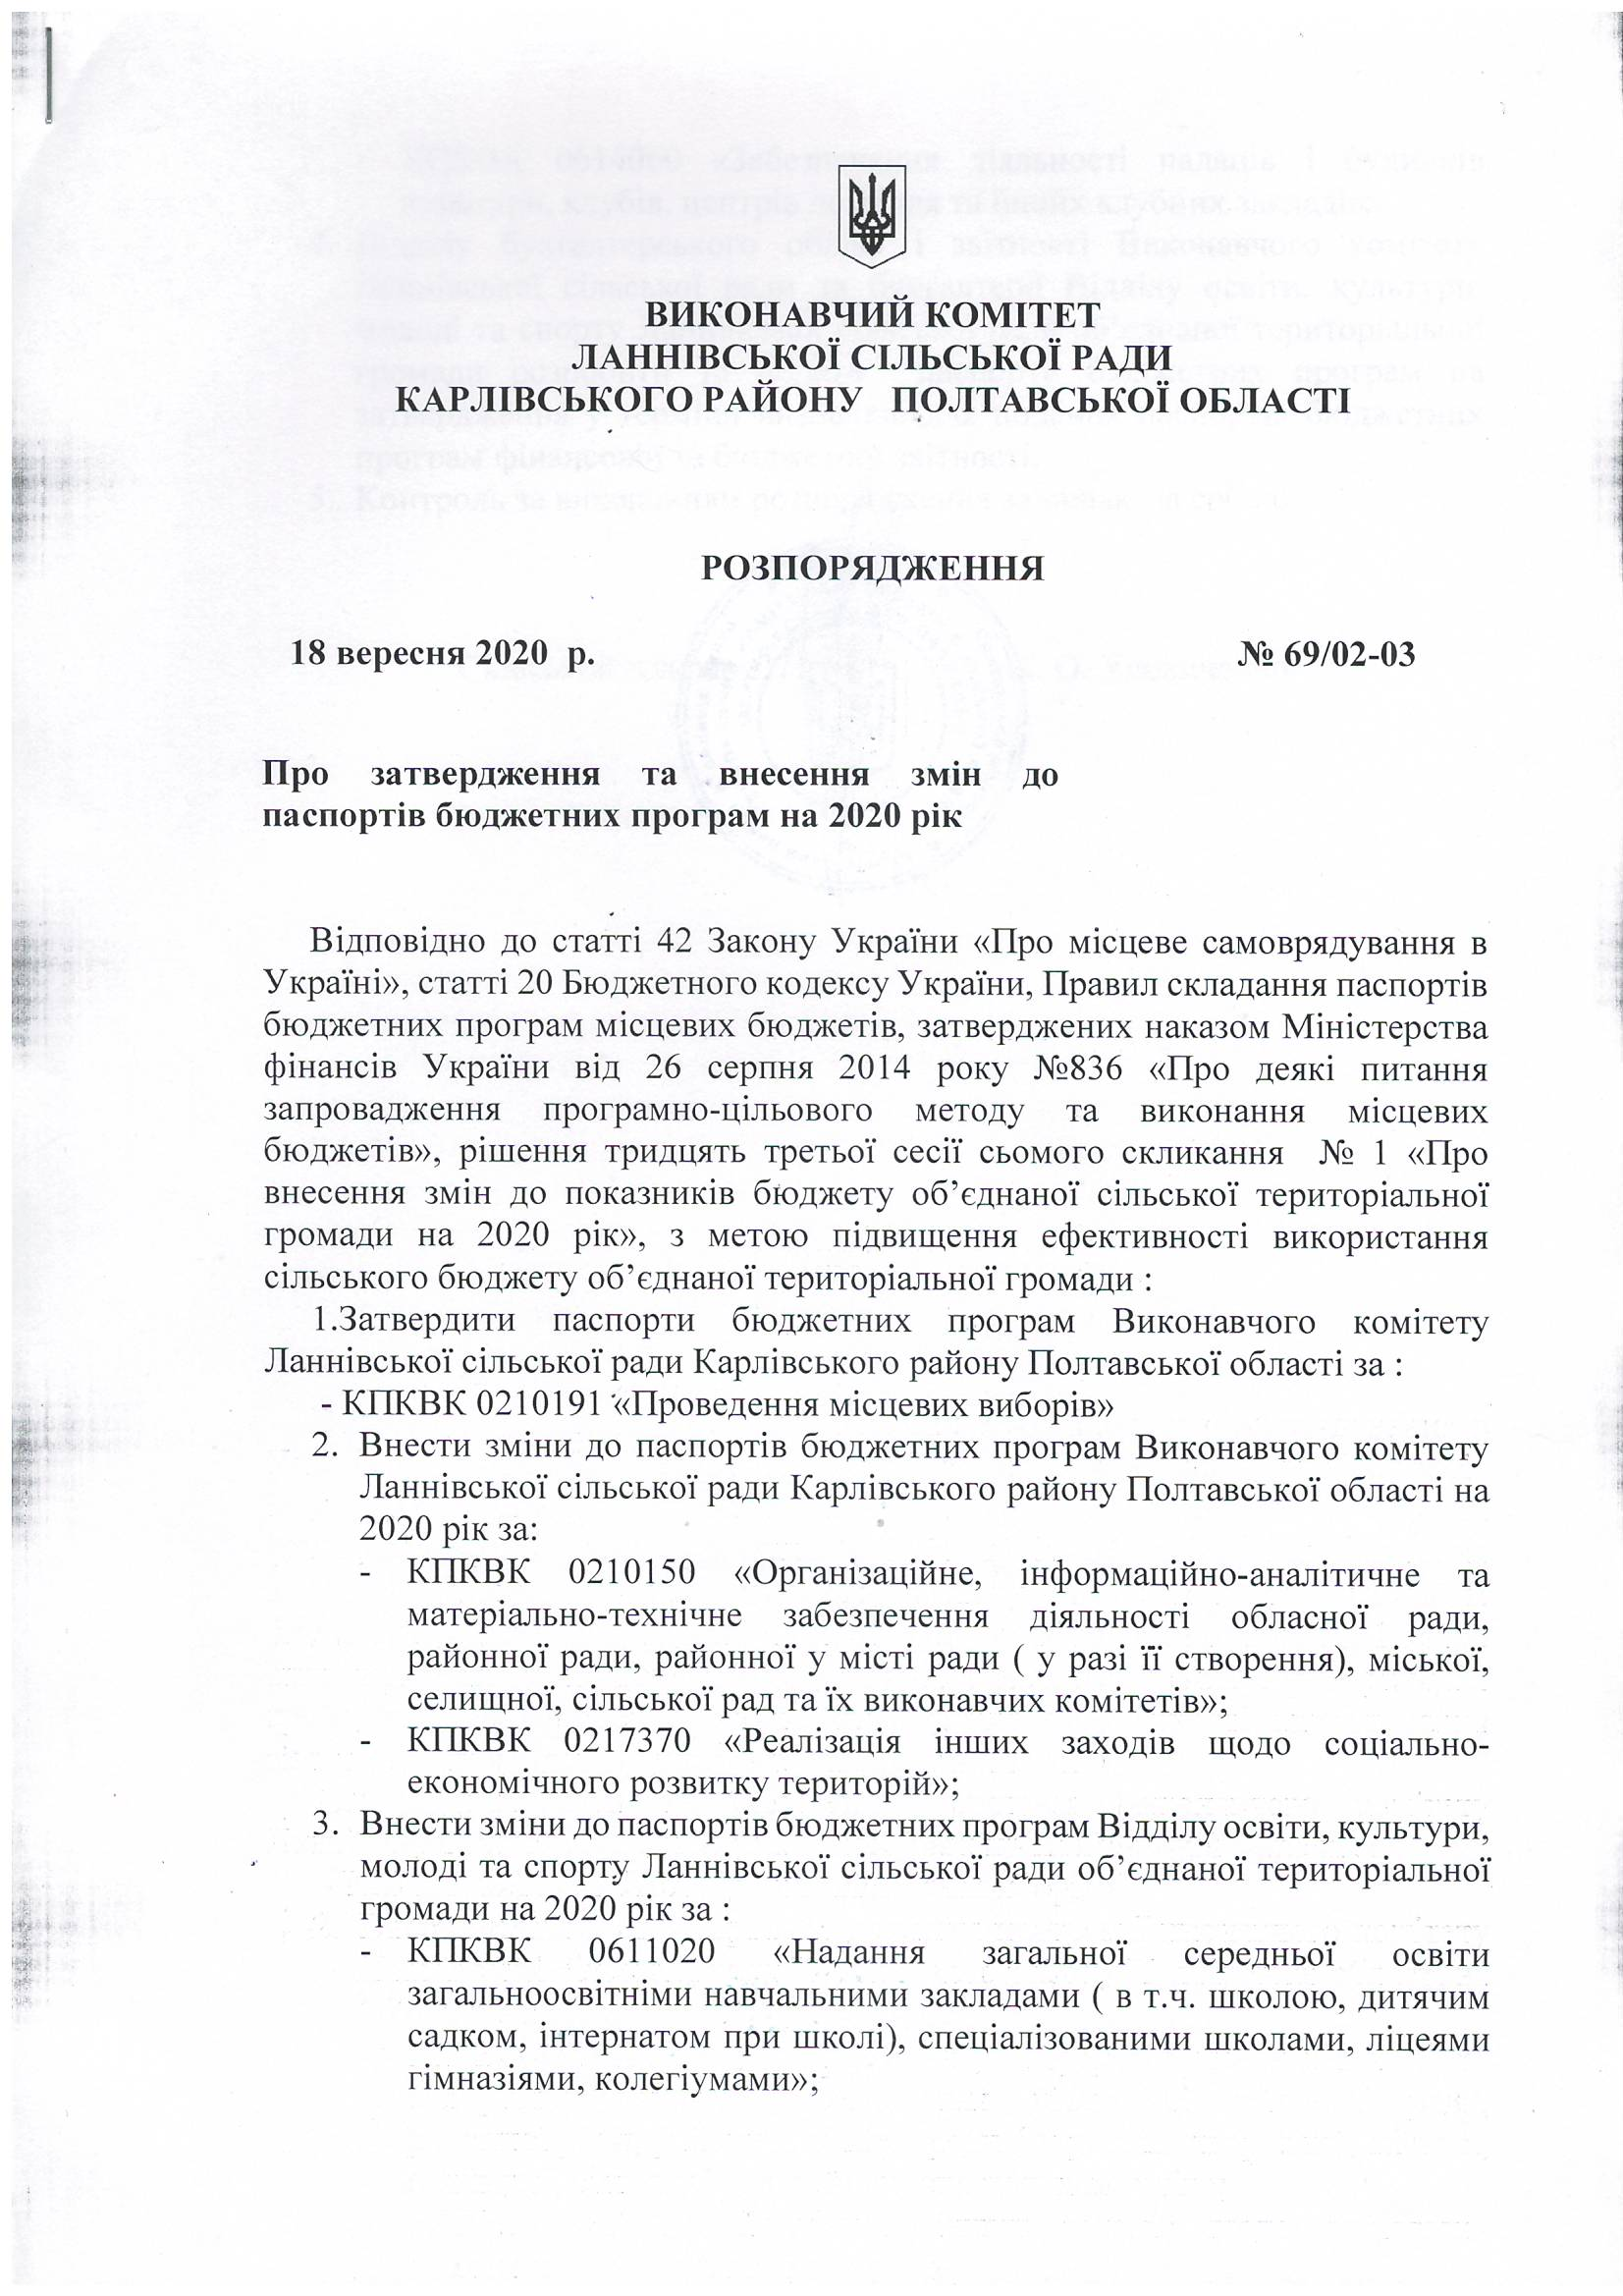 Про внесення змін до паспортів бюджетних програм на 2020 рік від 18.09.2020